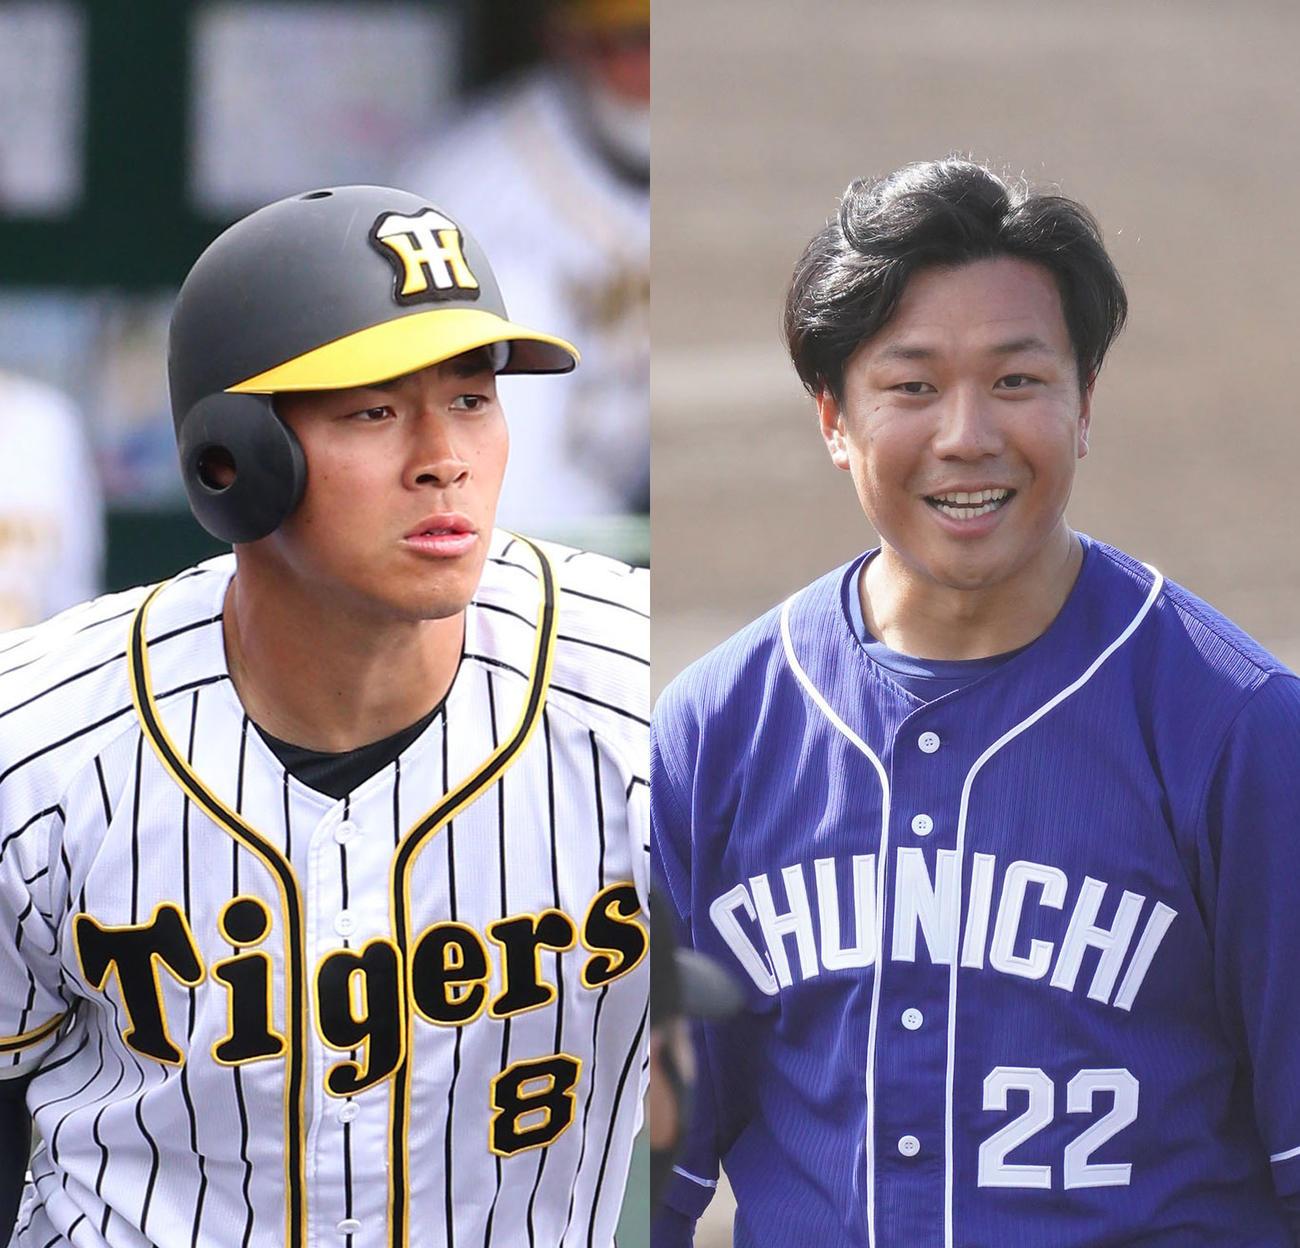 阪神佐藤輝(左)と中日大野雄